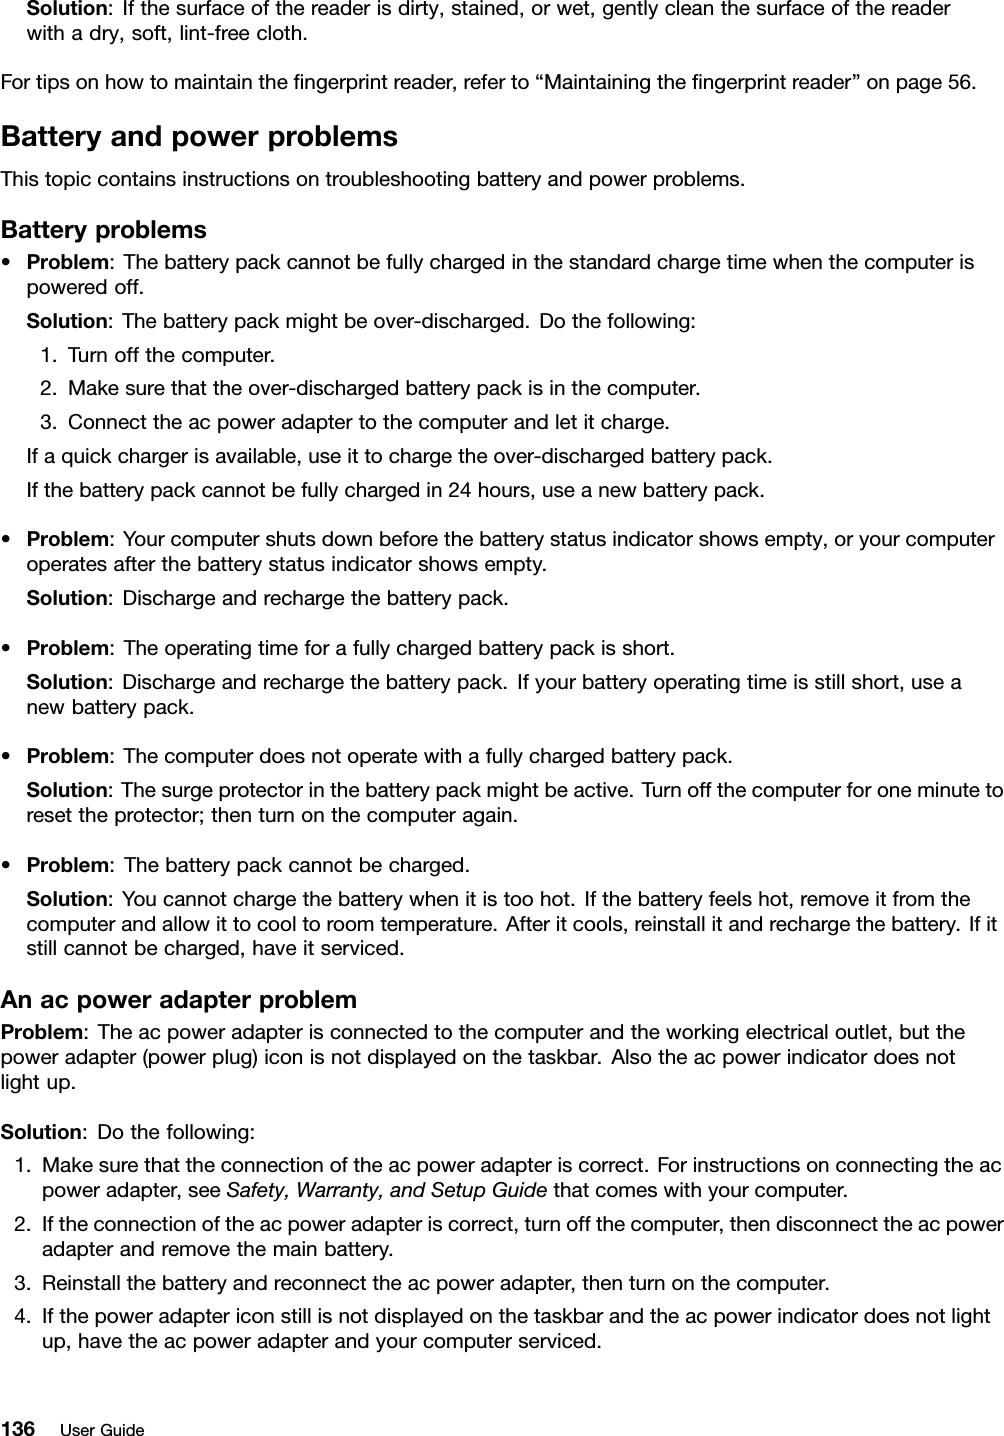 Lenovo E430 E430C E435 E530 E530C E535 Ug En User Manual